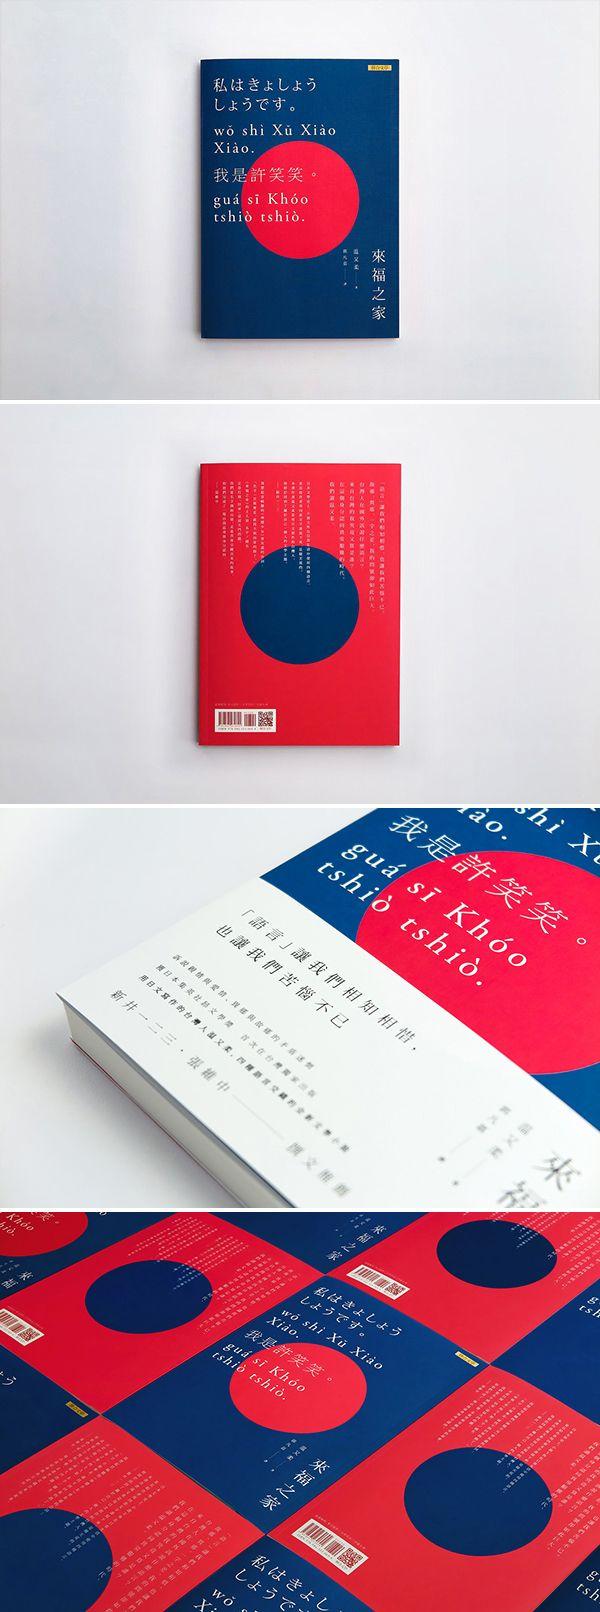 《來福之家》溫又柔 著 | ACST Design, 2014